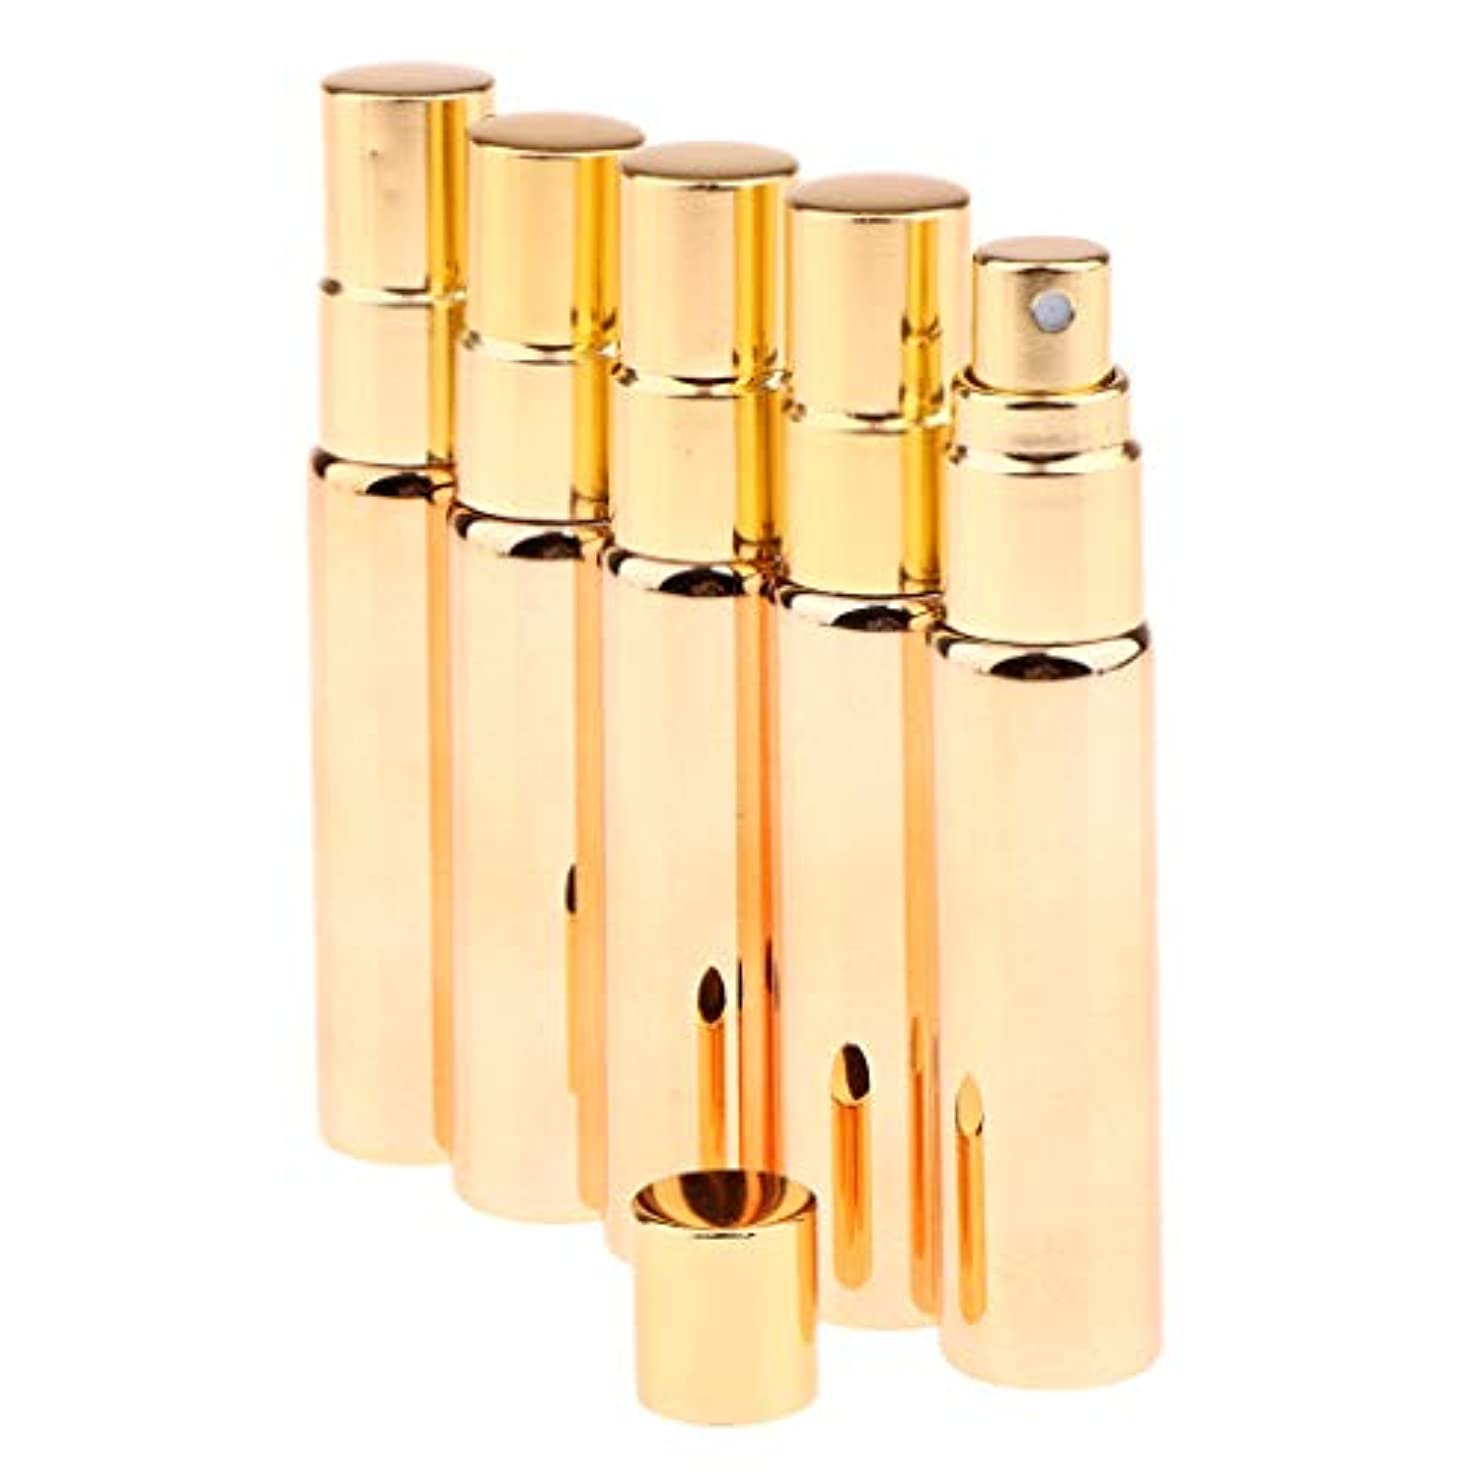 掘る虐待トラクター空の香水瓶 香水スプレーボトル アトマイザー 旅行携帯便利 香水噴霧器 詰替え容器 5本入 - シャイニーゴールド